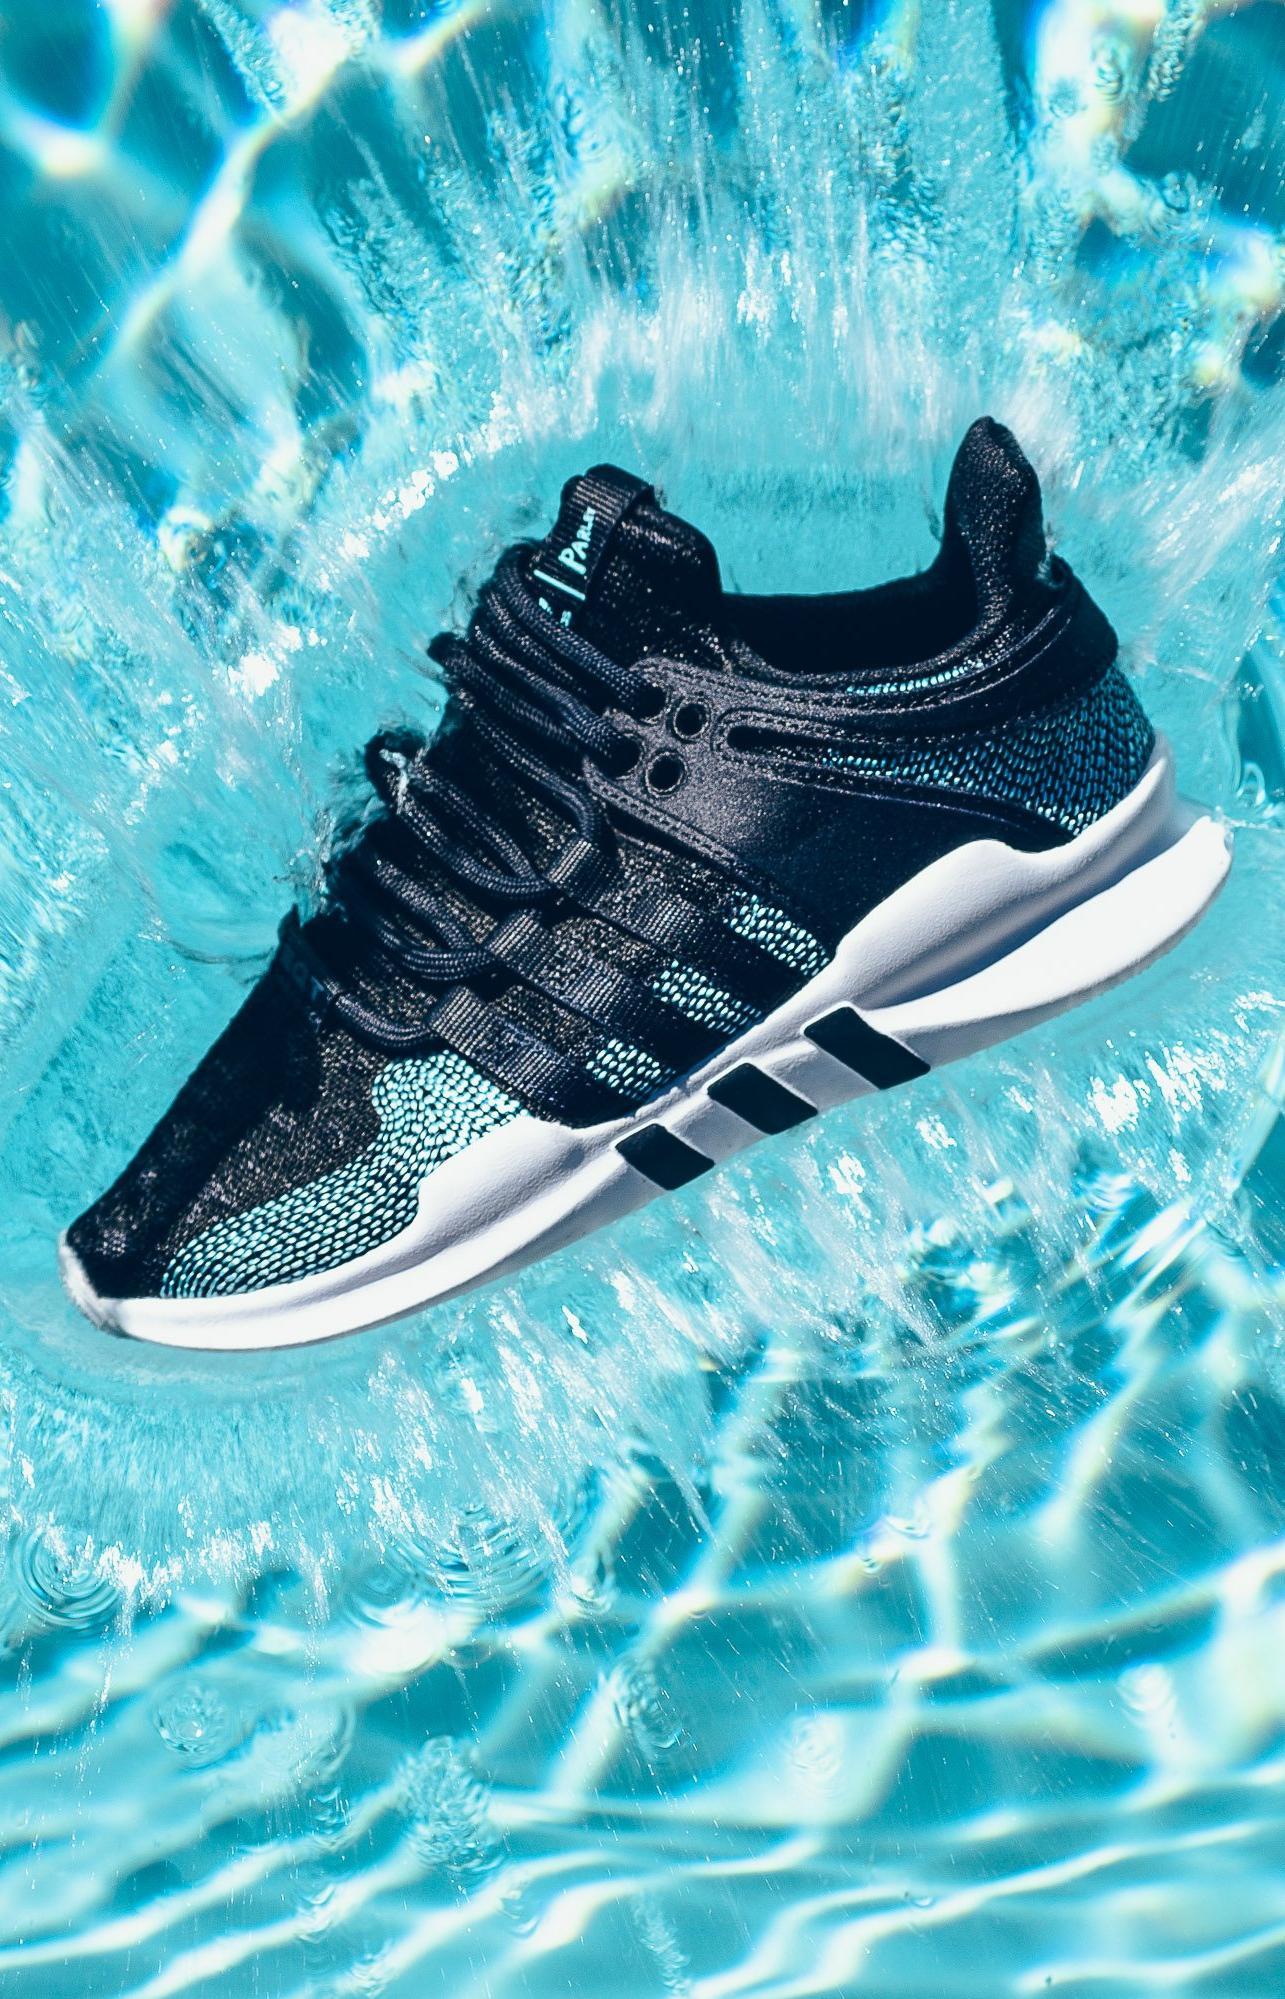 Adidas к 2024 году будет использовать в производстве только переработанный пластик